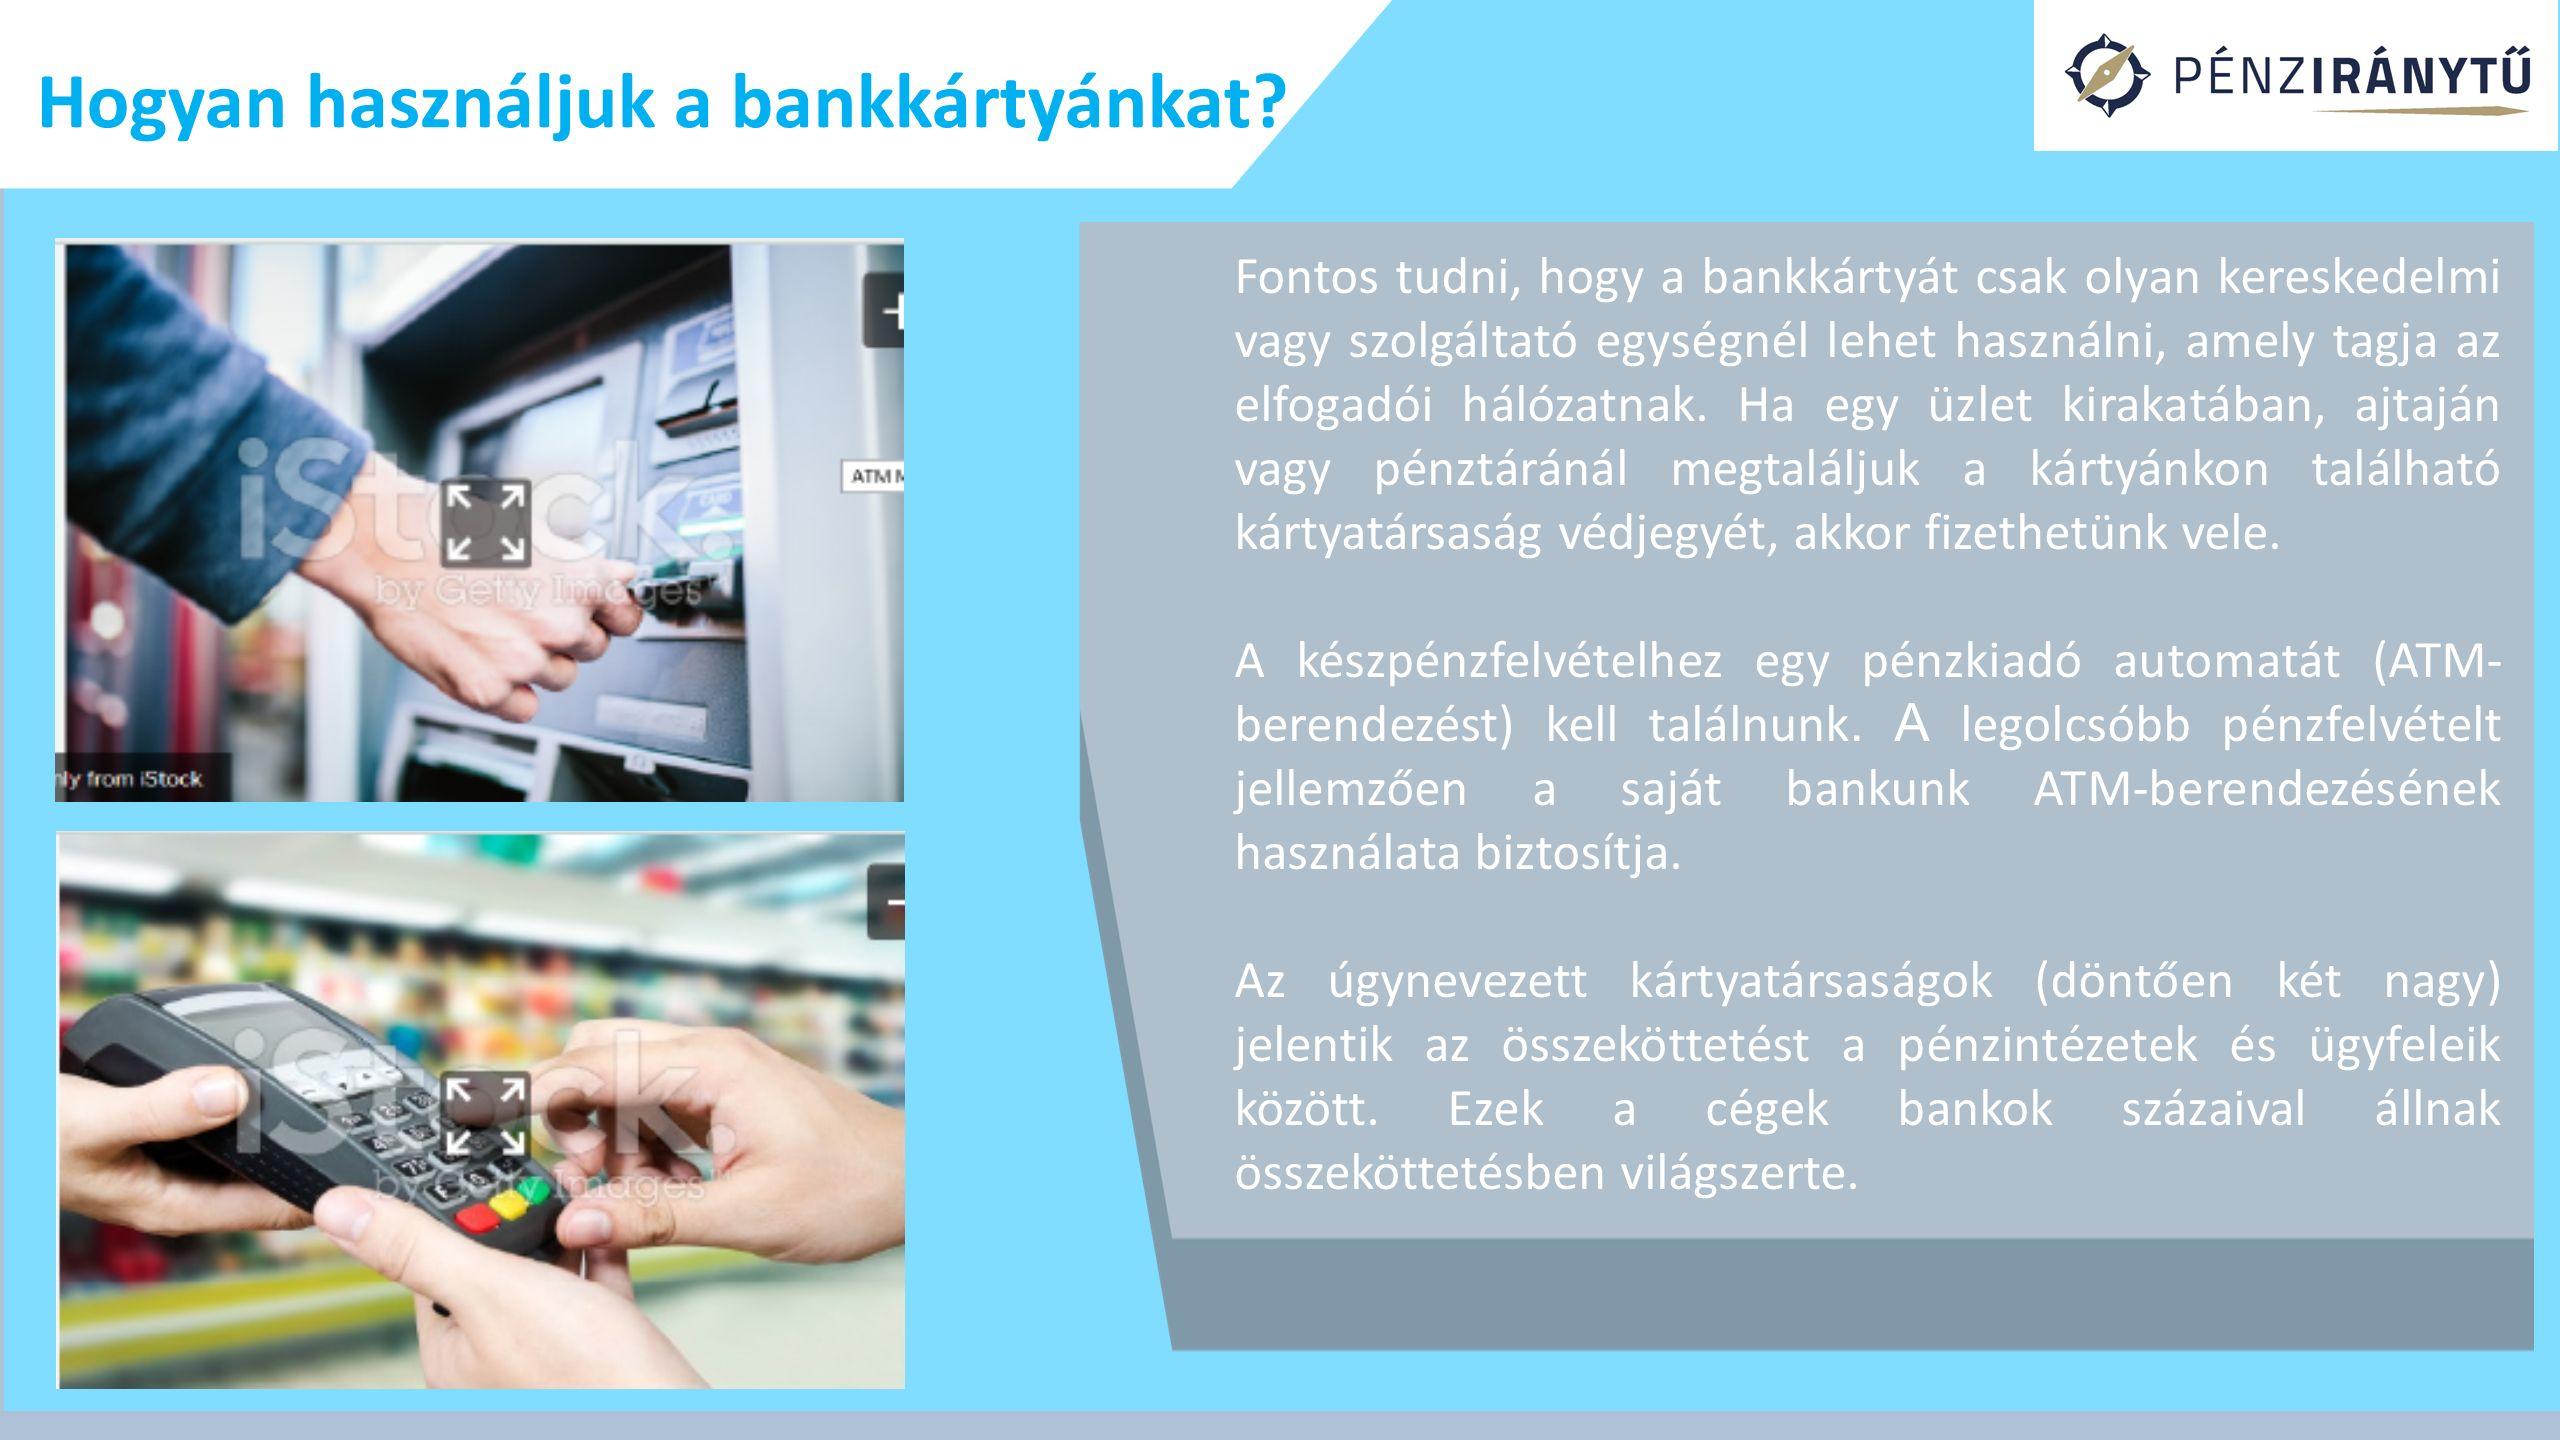 Hogyan használjuk a bankkártyánkat? Fontos tudni, hogy a bankkártyát csak olyan kereskedelmi vagy szolgáltató egységnél lehet használni, amely tagja a